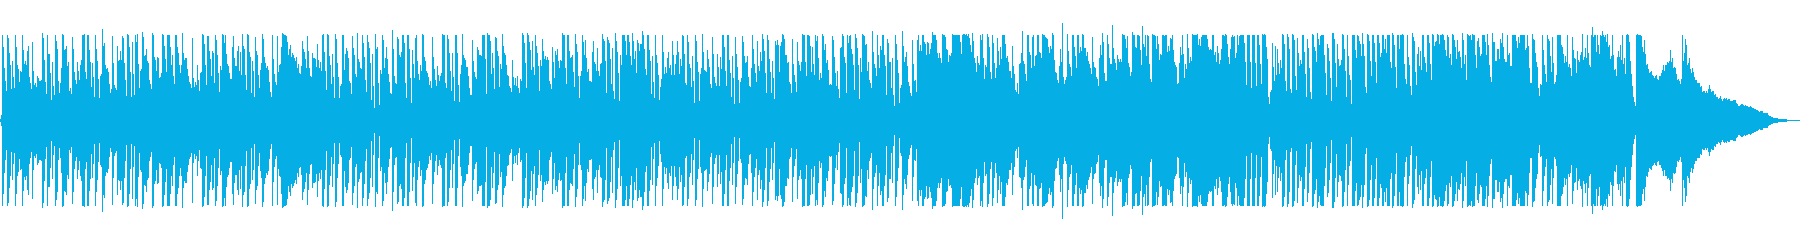 スローテンポのピアノジャズの曲の再生済みの波形